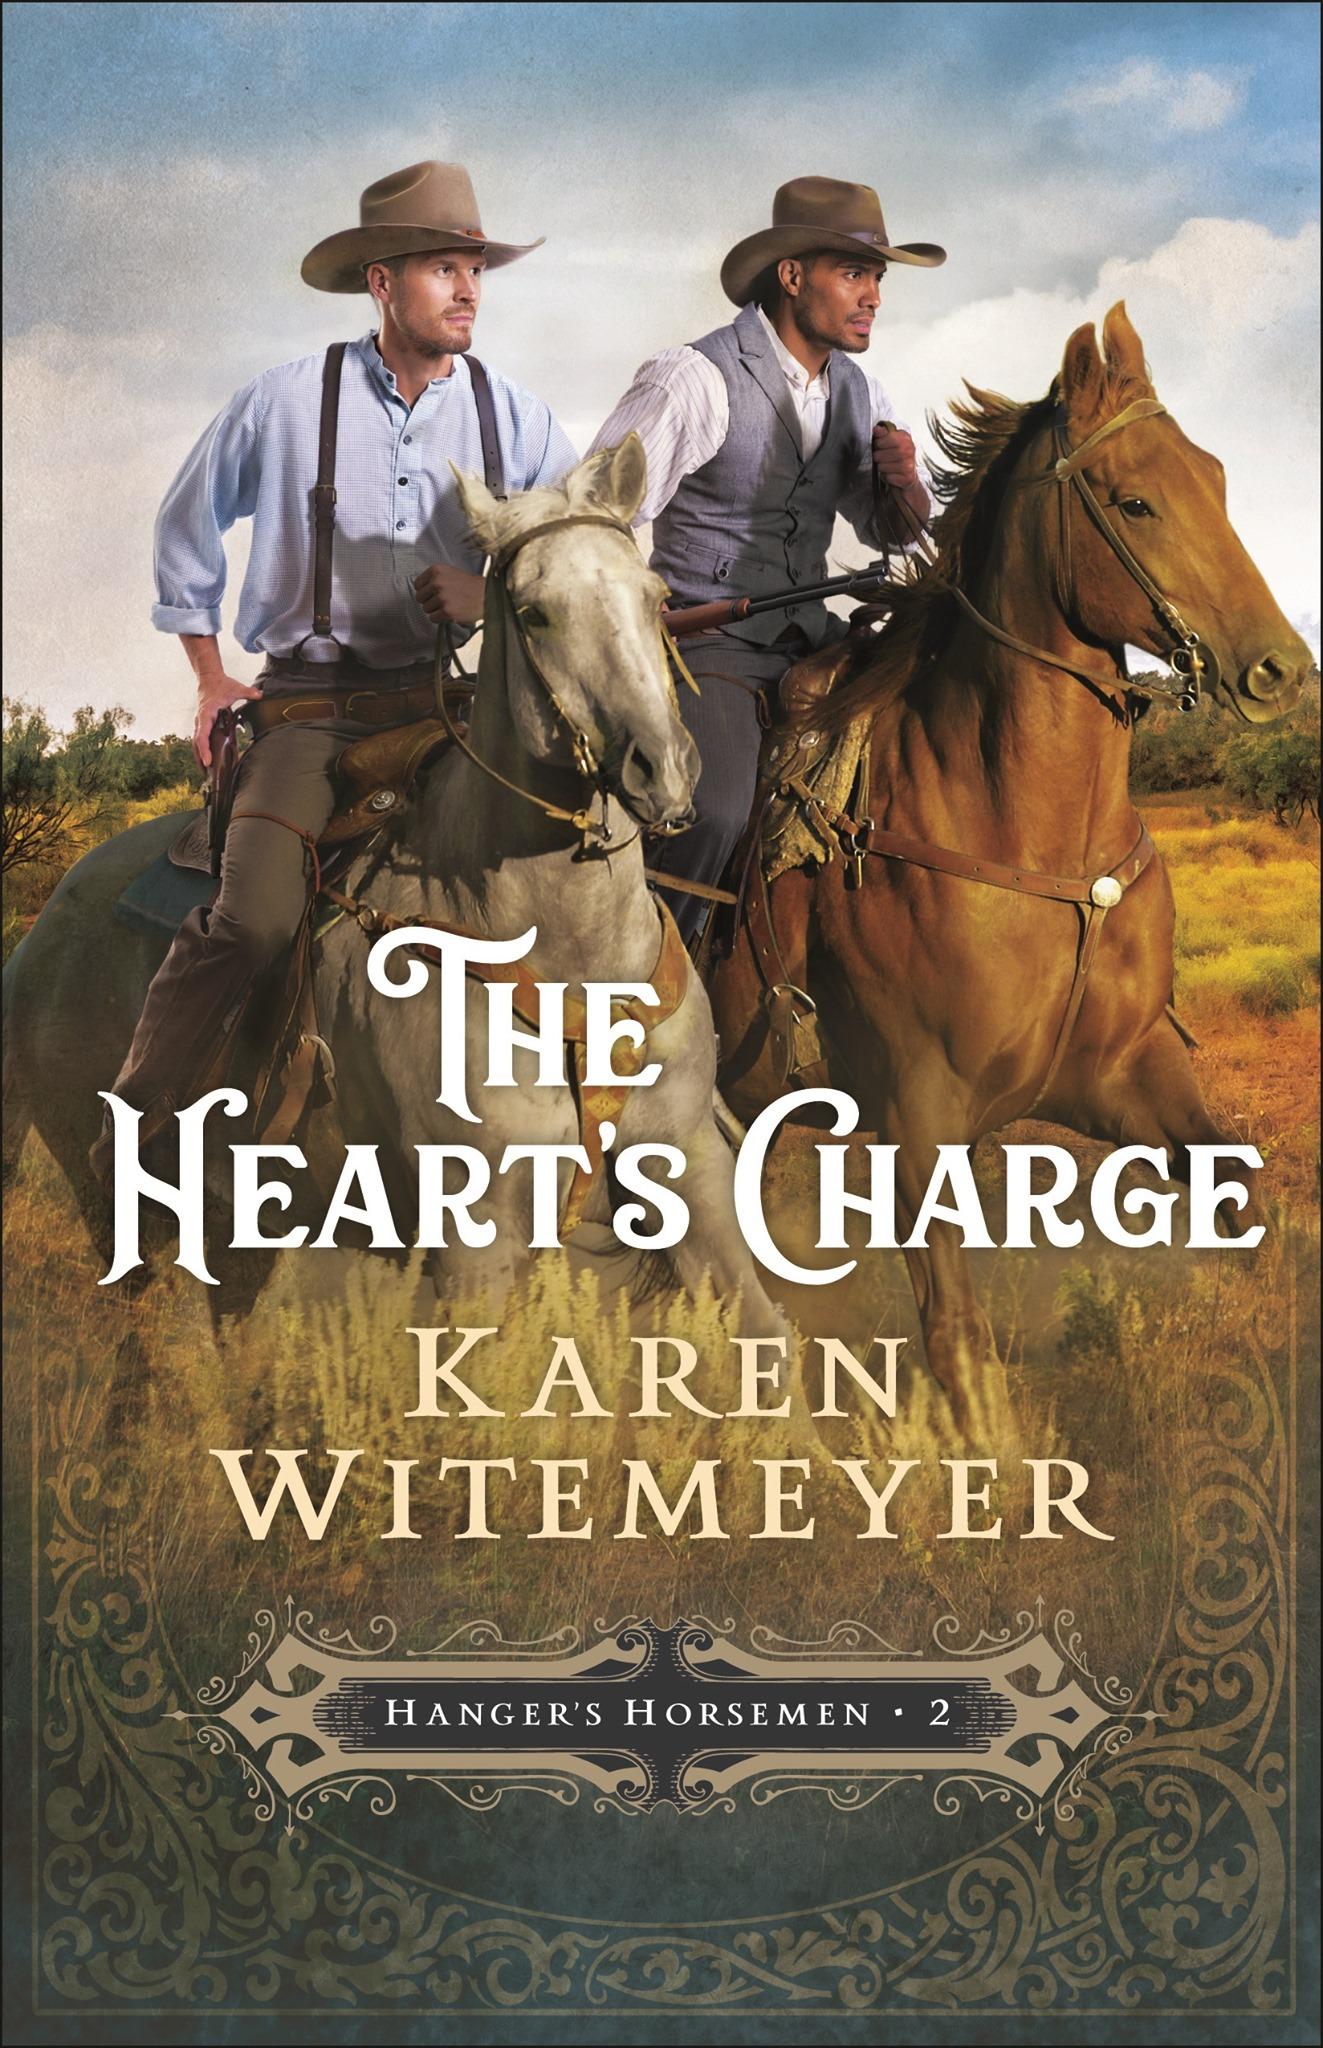 The Heart's Charge (Hanger's Horsemen, #2)